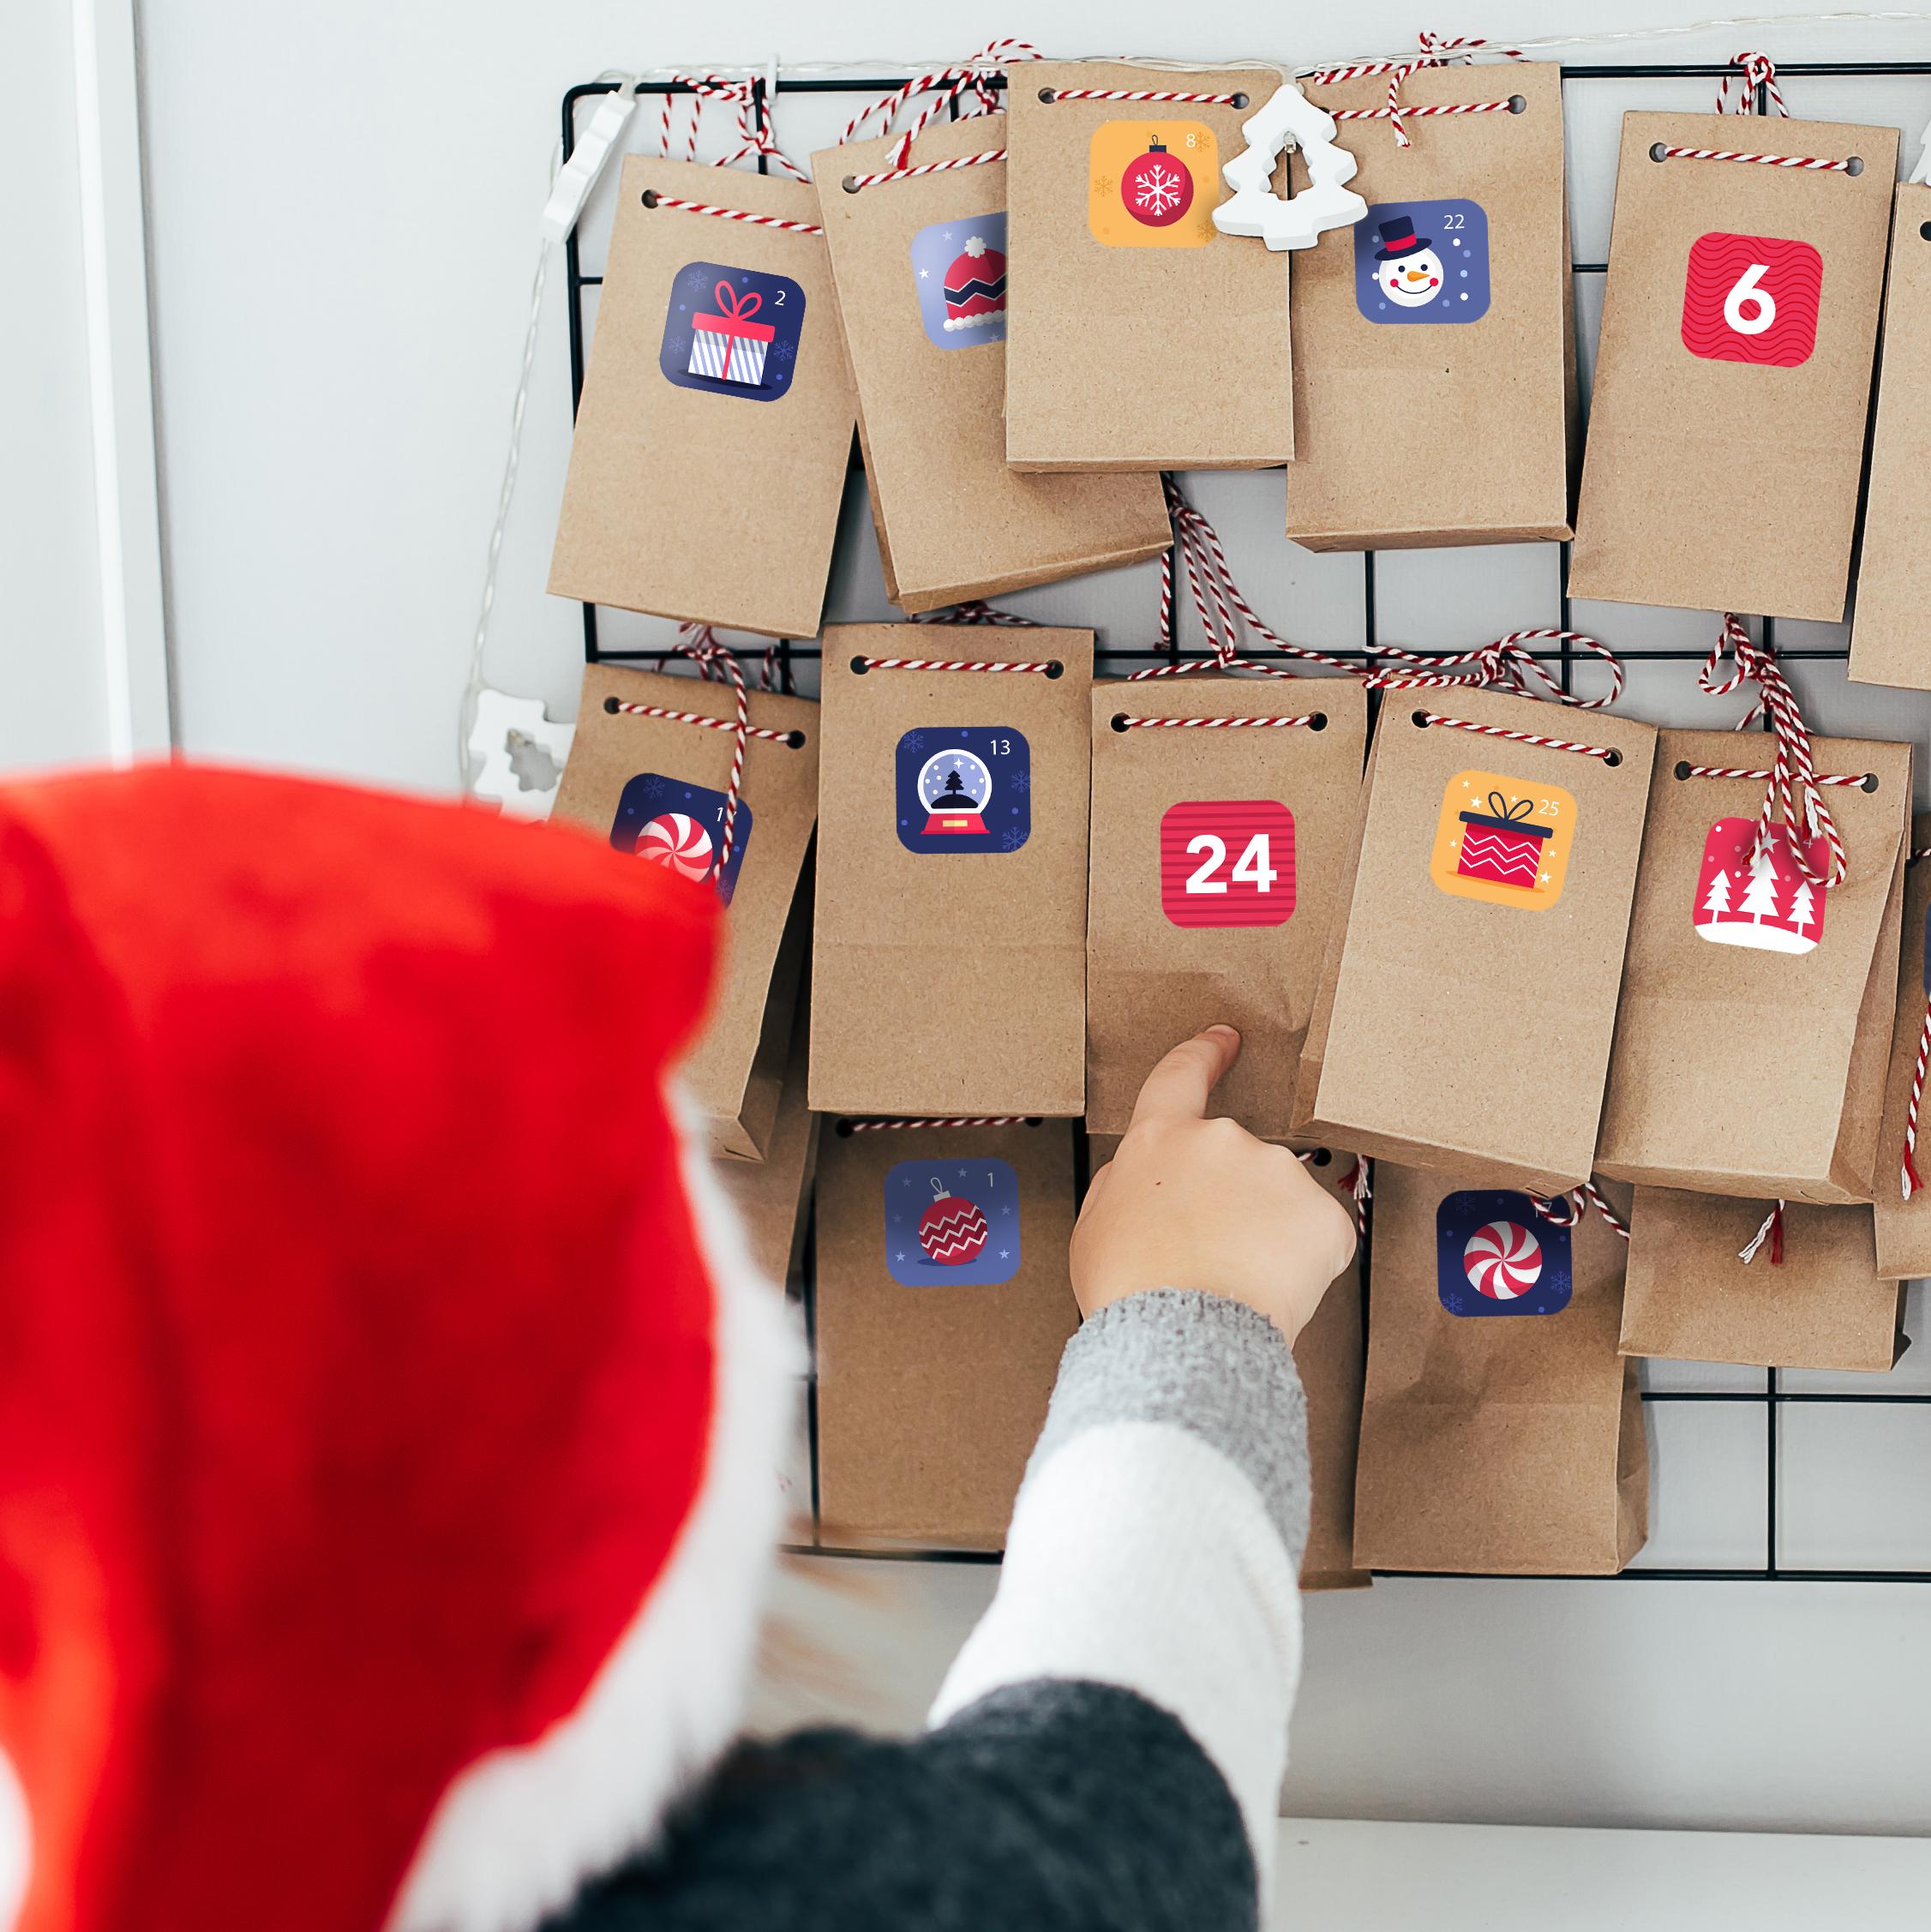 Naklejki świąteczne adwentowy kalendarz 2022 arkusz A4 zestaw_3